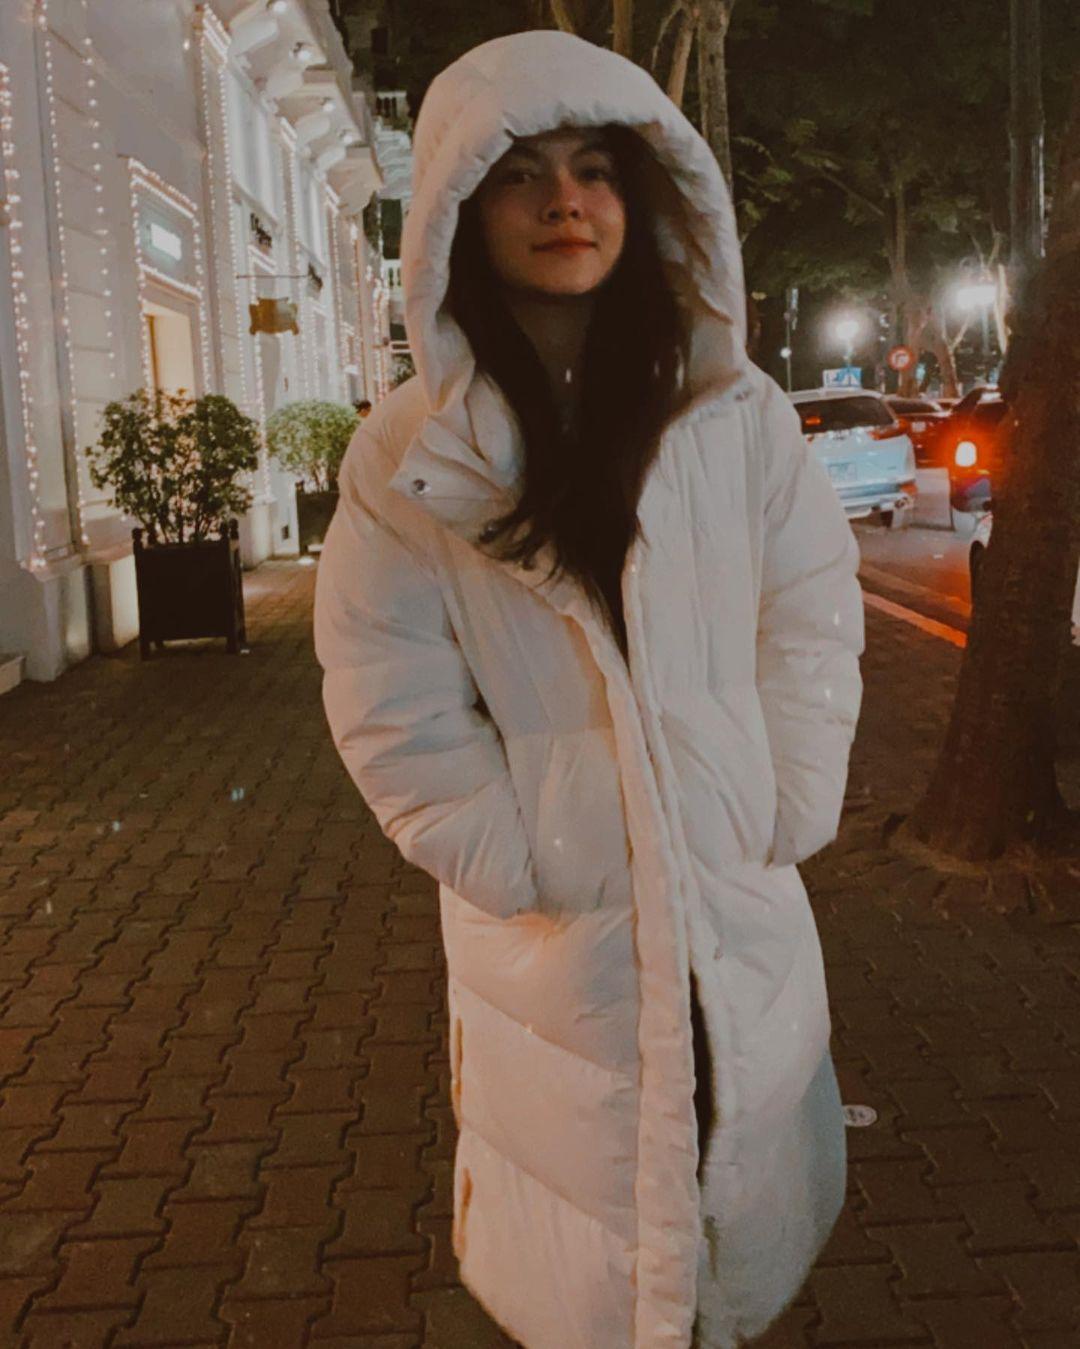 Mix & Phối - 5 mẫu áo khoác sao Việt hay diện nhất mùa lạnh: Vừa ấm áp lại 'hack tuổi' hiệu quả - chanvaydep.net 8